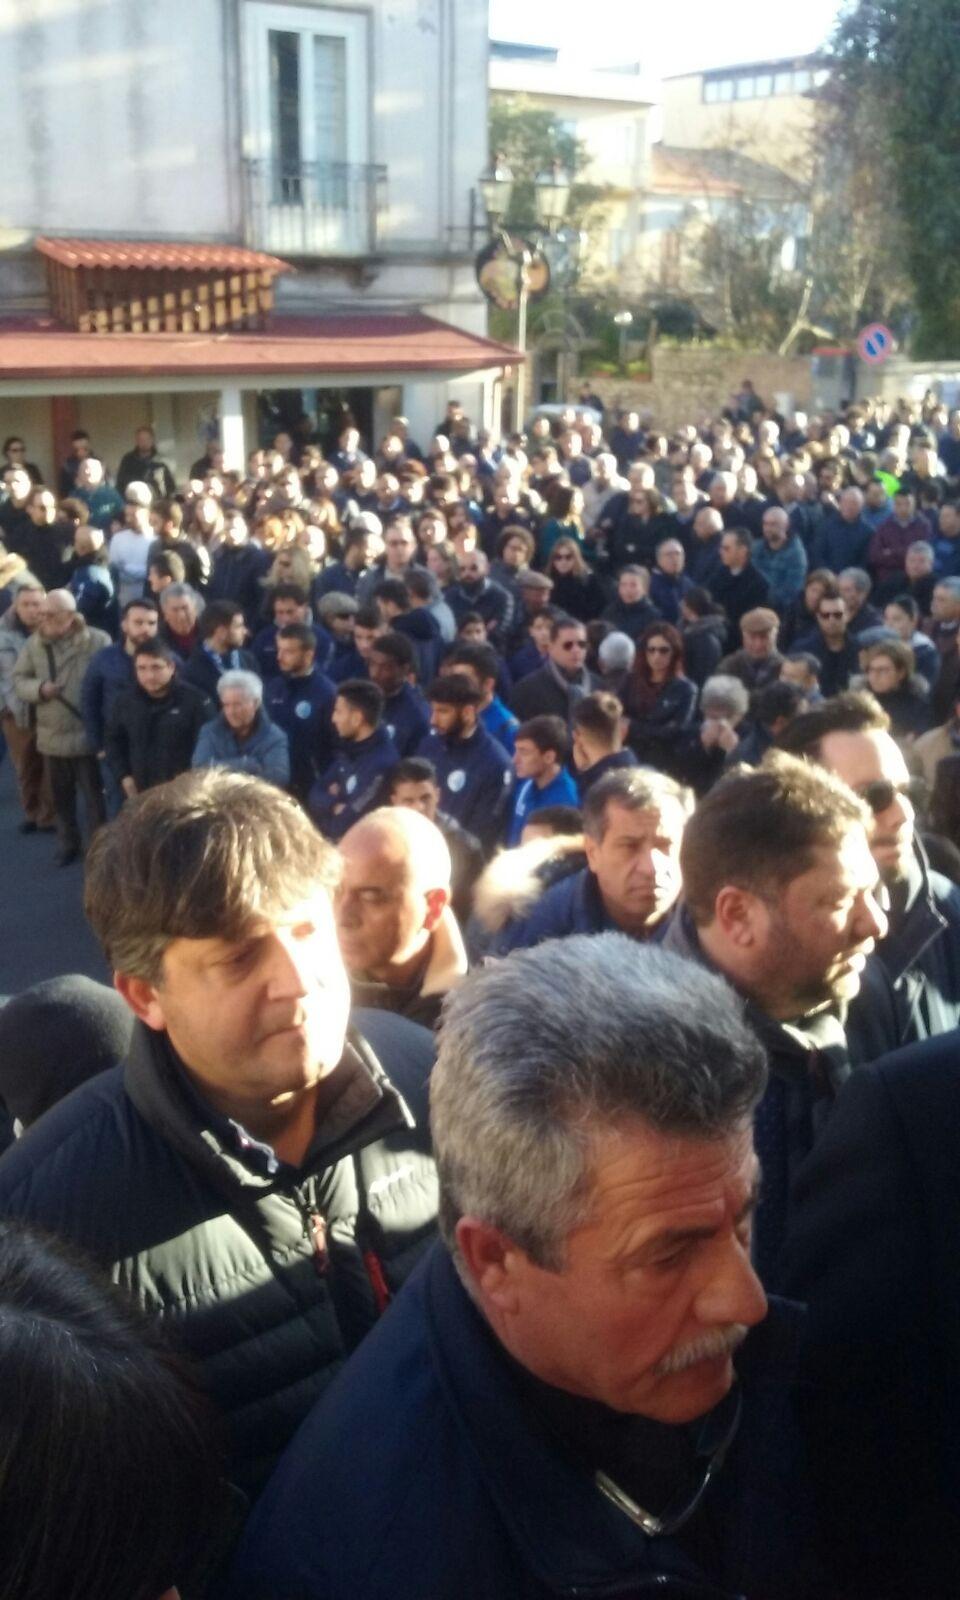 FOTO – Tanta gente e tanta commozione a Siderno ai funerali di Pasquale Sgotto